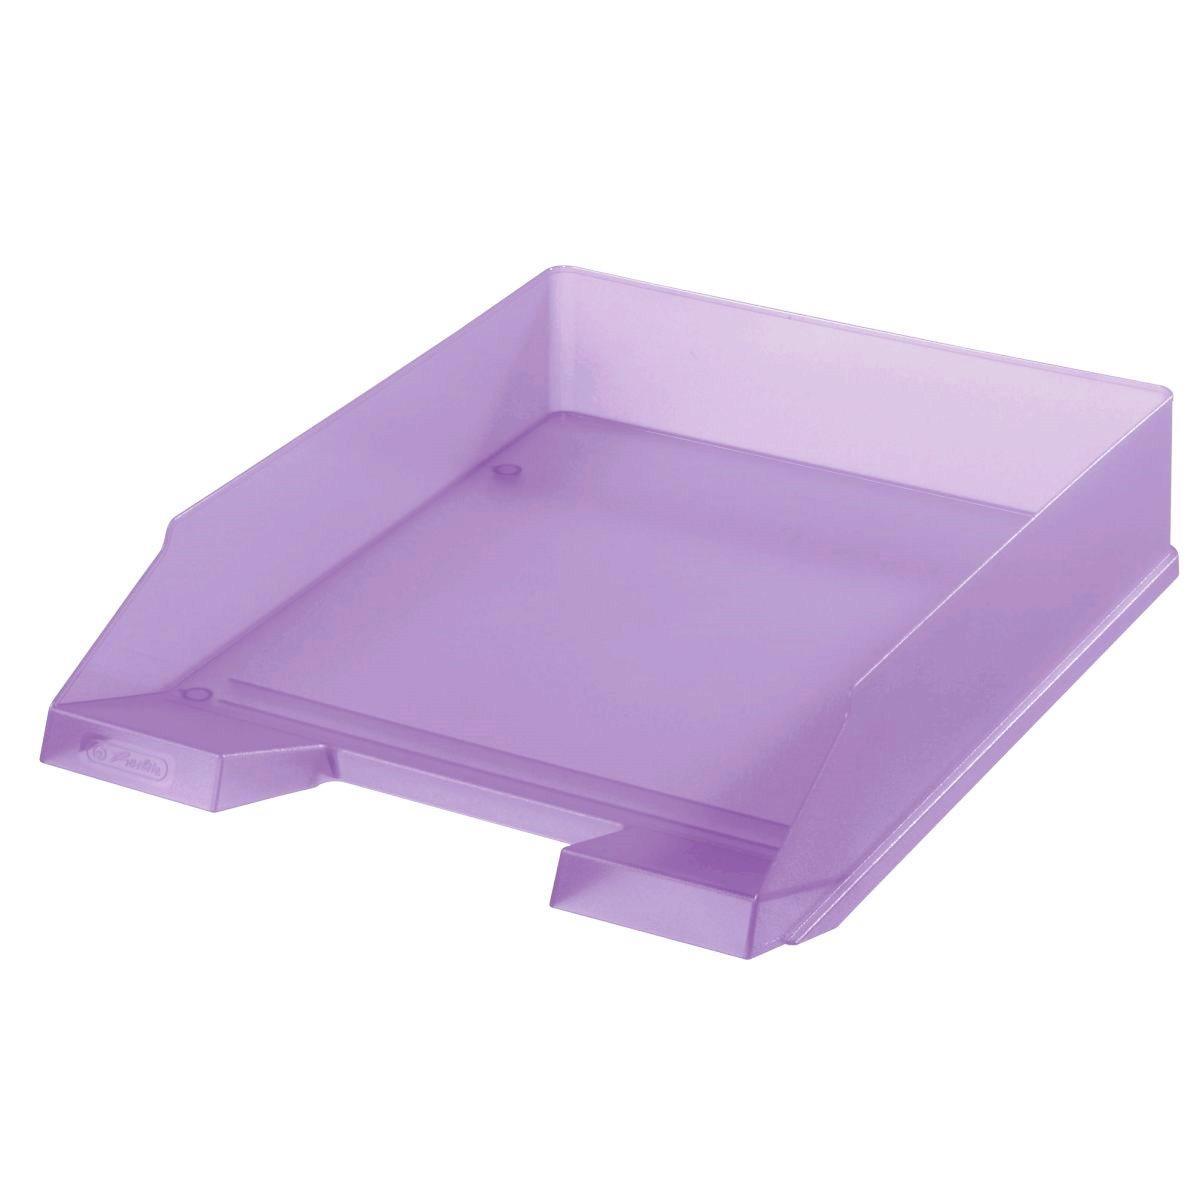 Лоток для бумаг горизонтальный Herlitz Pastel Lilac прозрачный сиреневый